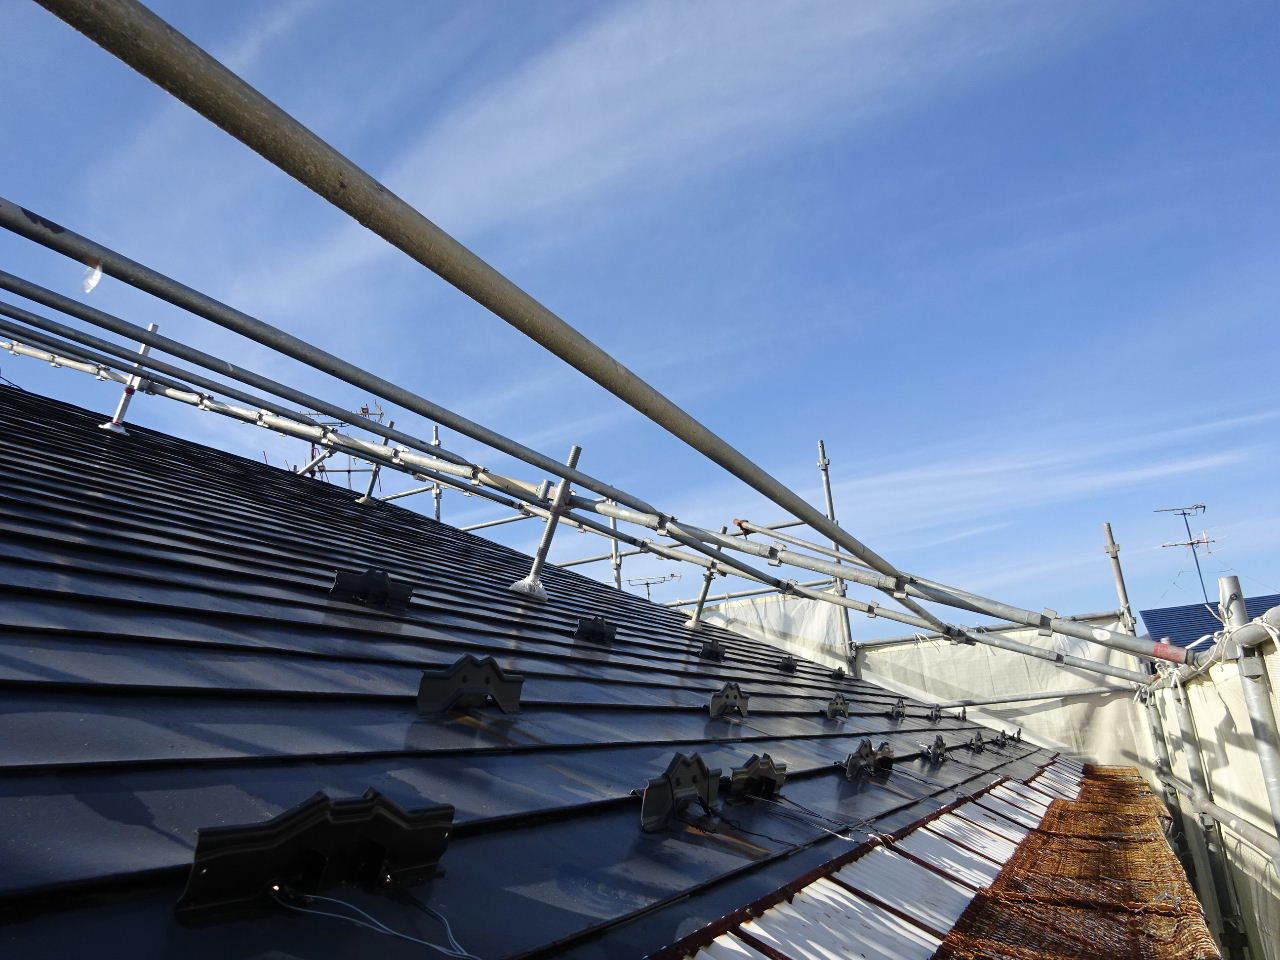 アパートの外装改修工事が進行中です。_f0105112_05260296.jpg